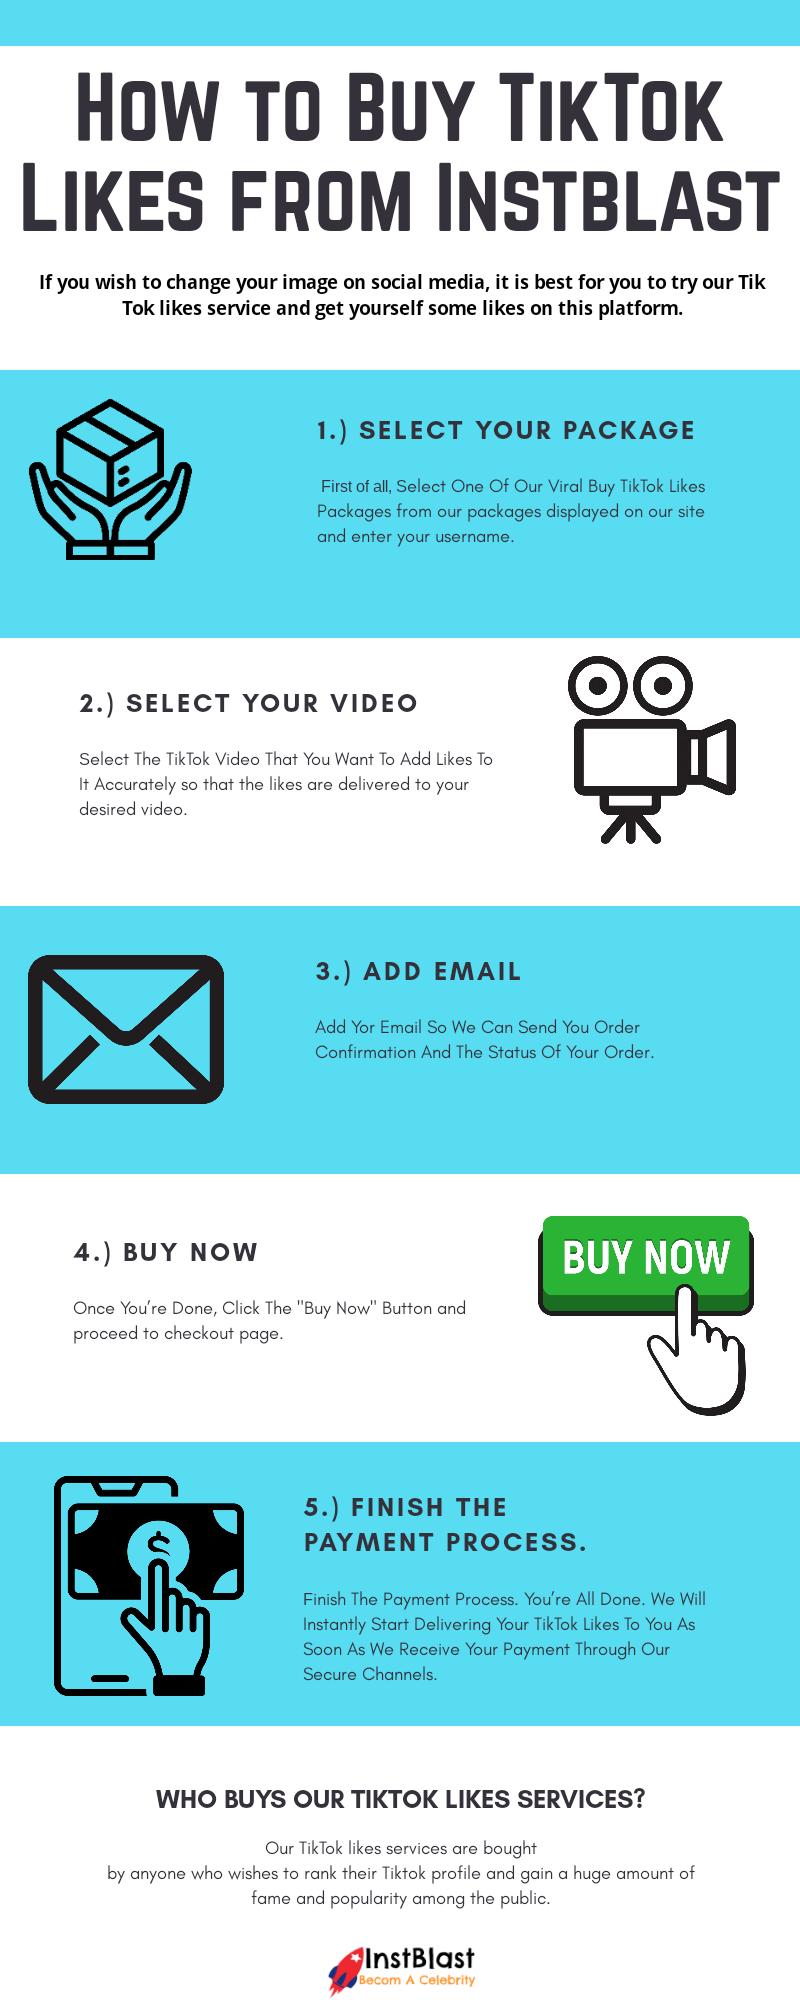 How to Buy TikTok Likes?